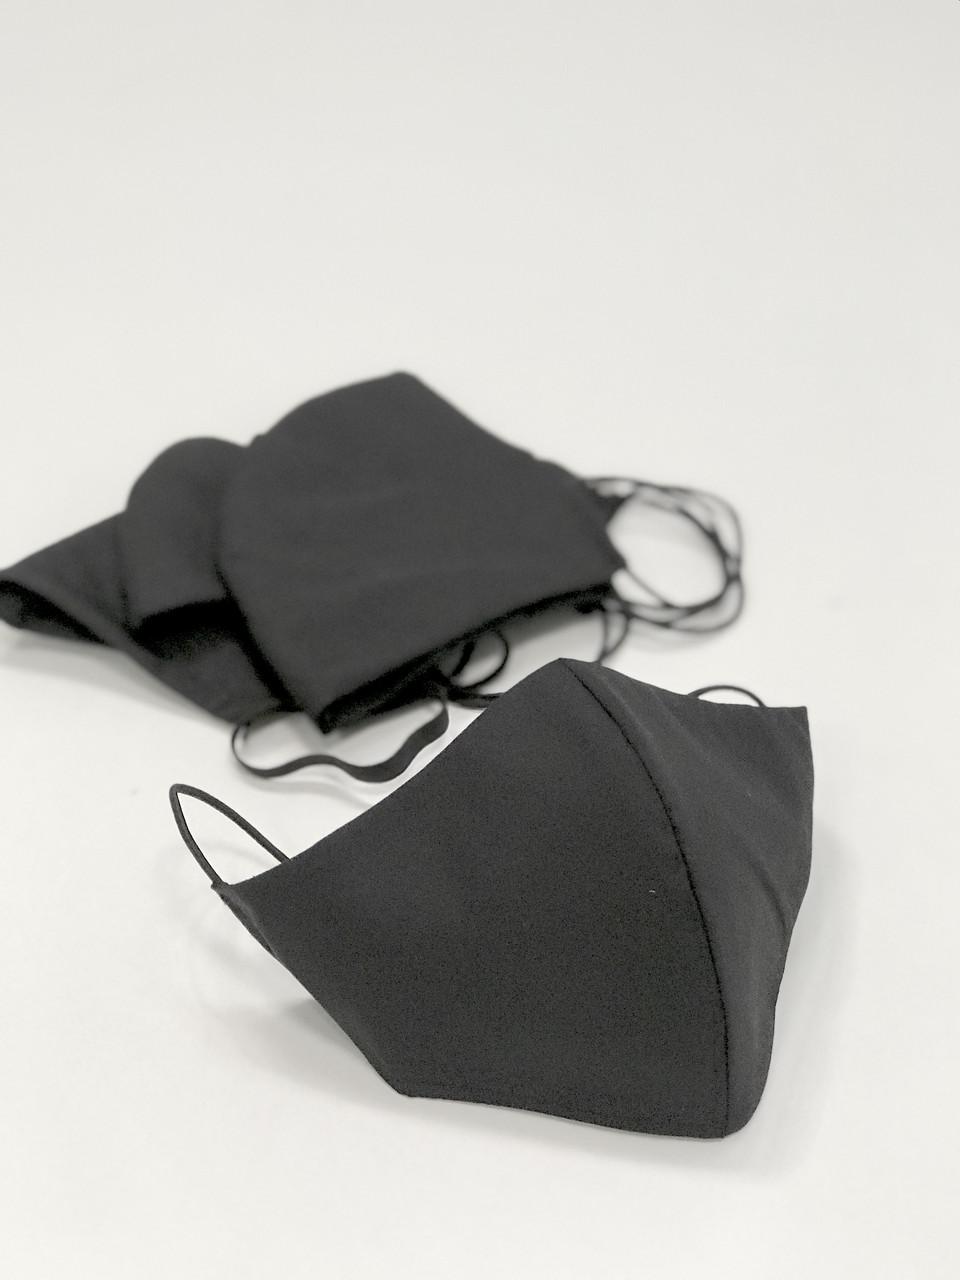 Маска защитная многоразовая хлопок черного цвета